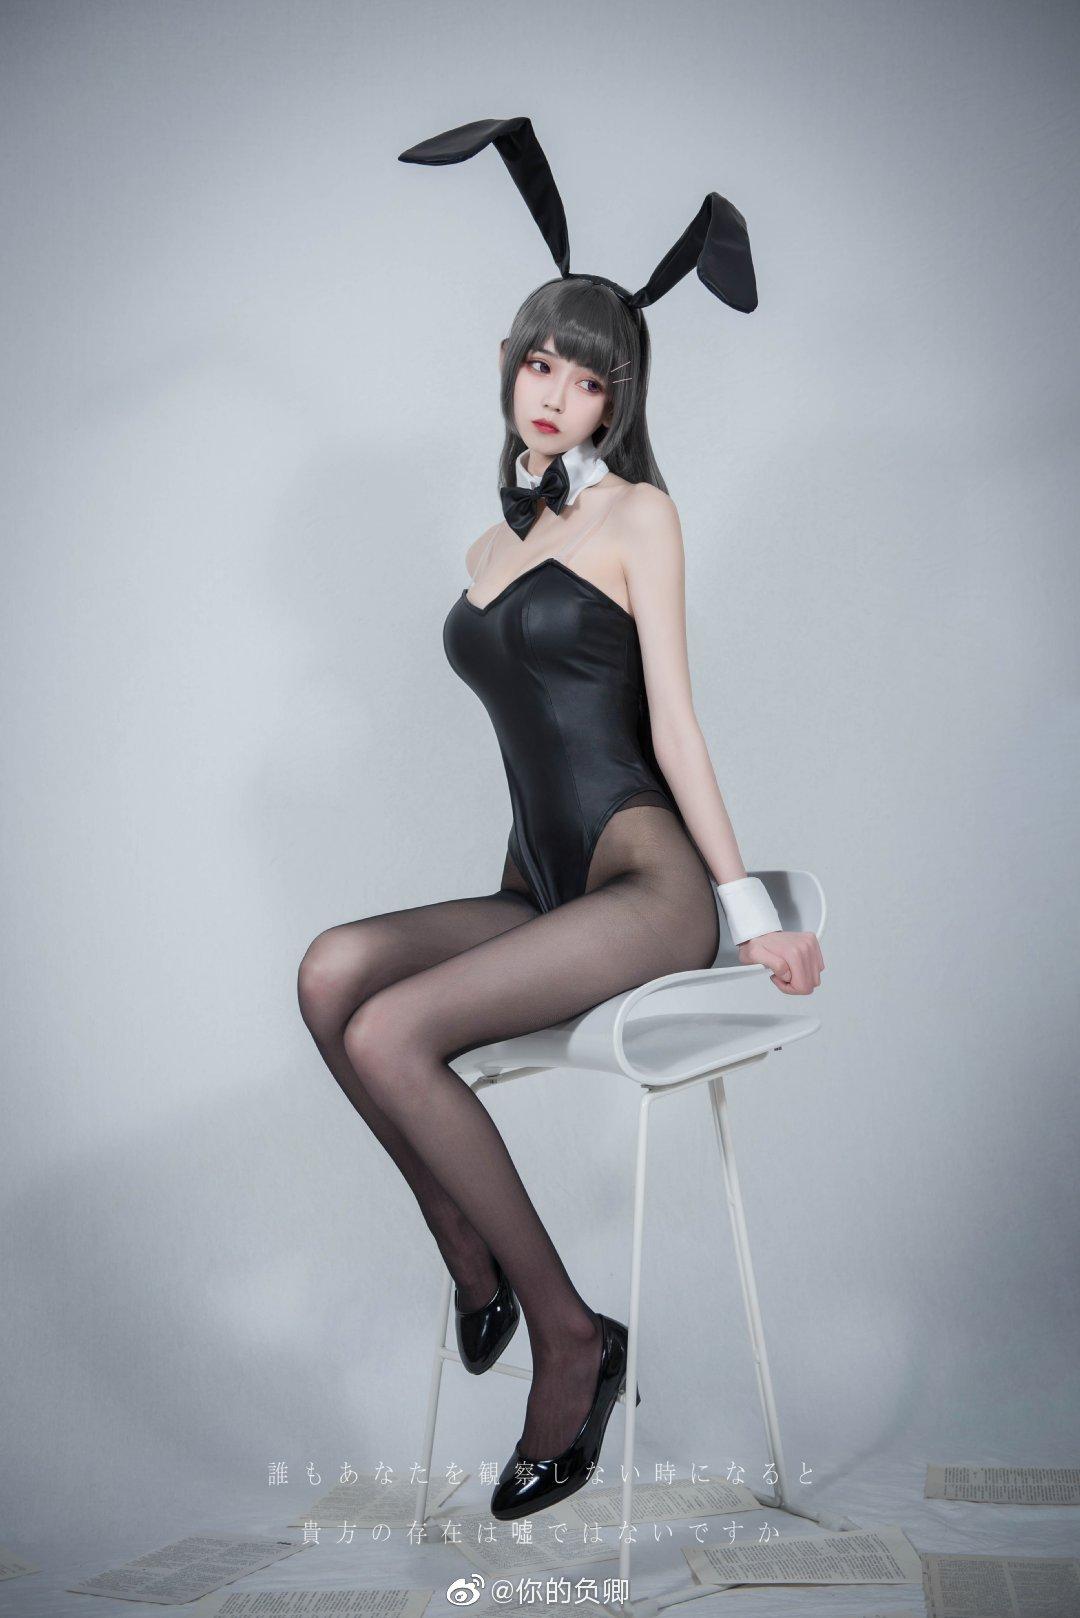 这个兔女郎学姐的腿太致命